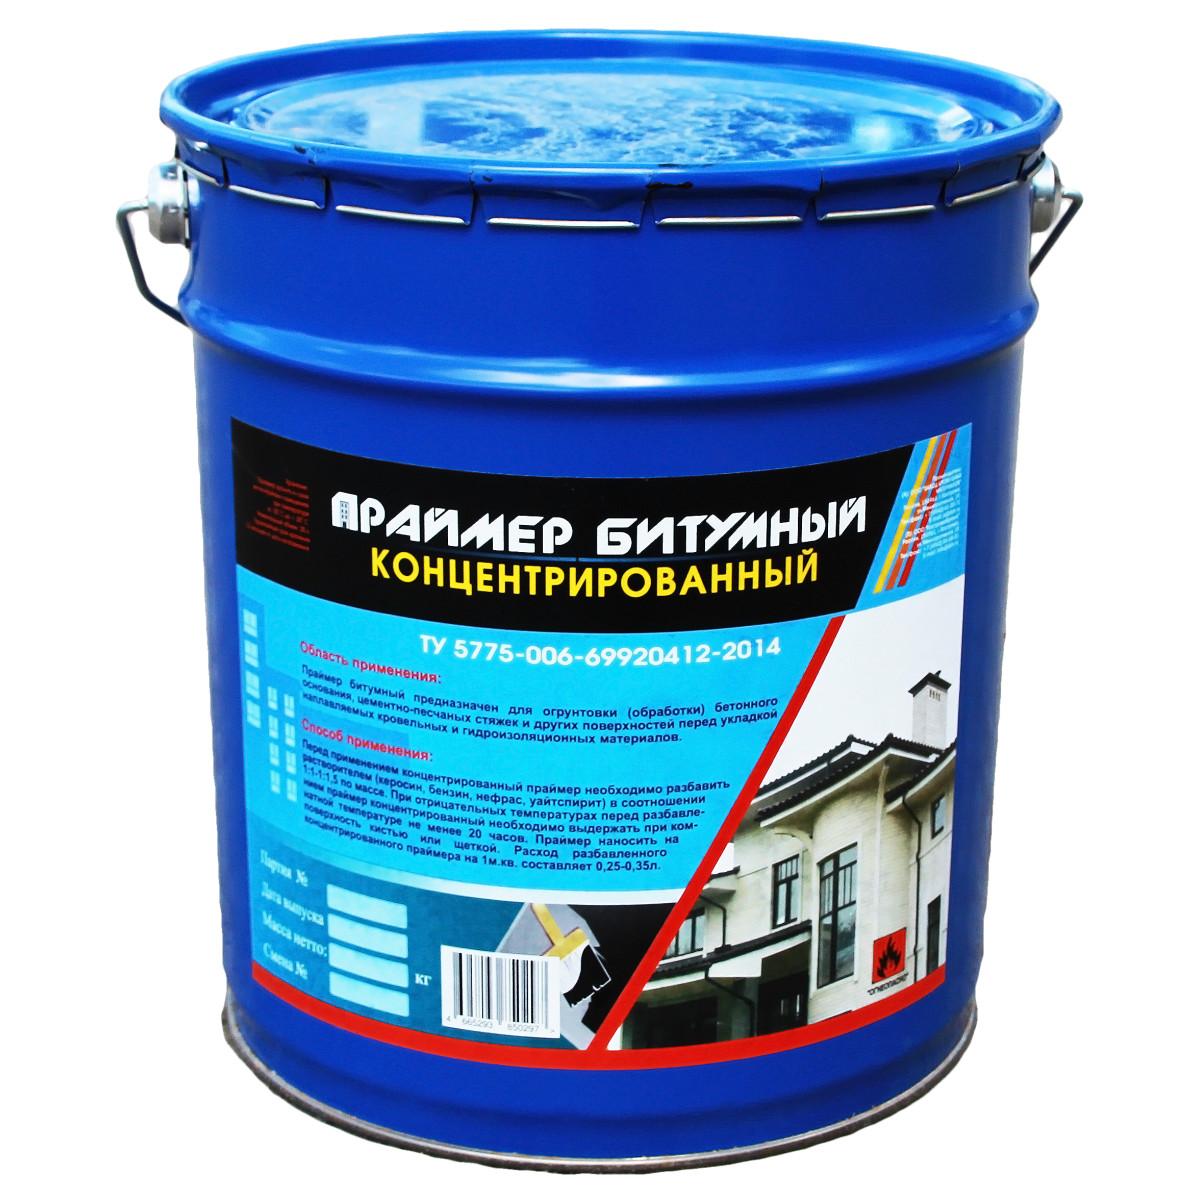 Праймер готов битум концентрированный 20 л-16.5 кг